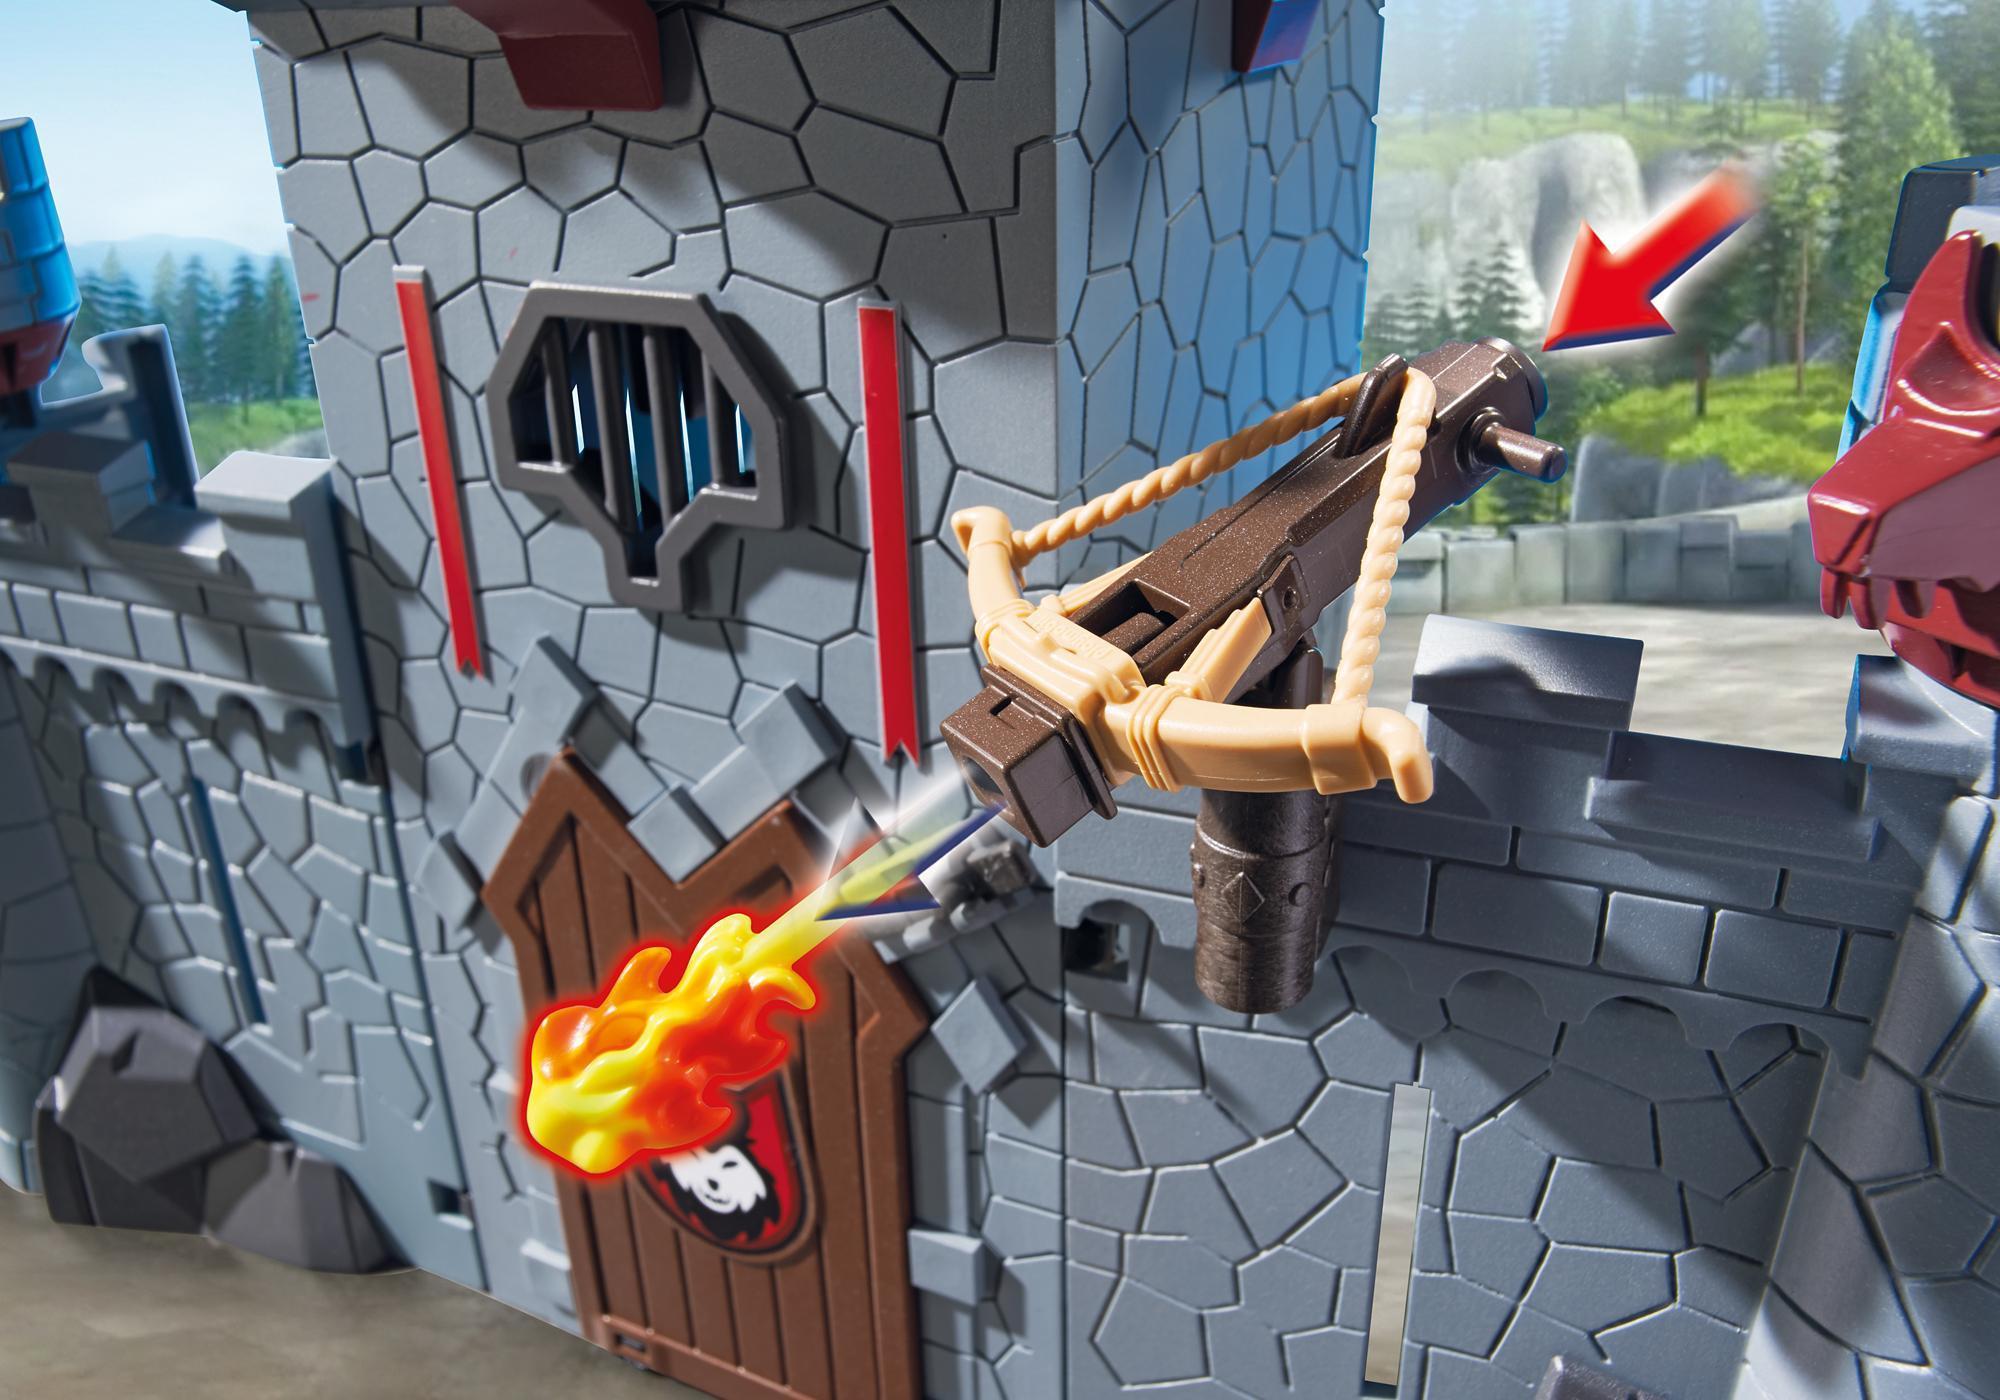 http://media.playmobil.com/i/playmobil/6697_product_extra2/Возьми с собой: Черный замок Барона Супер4